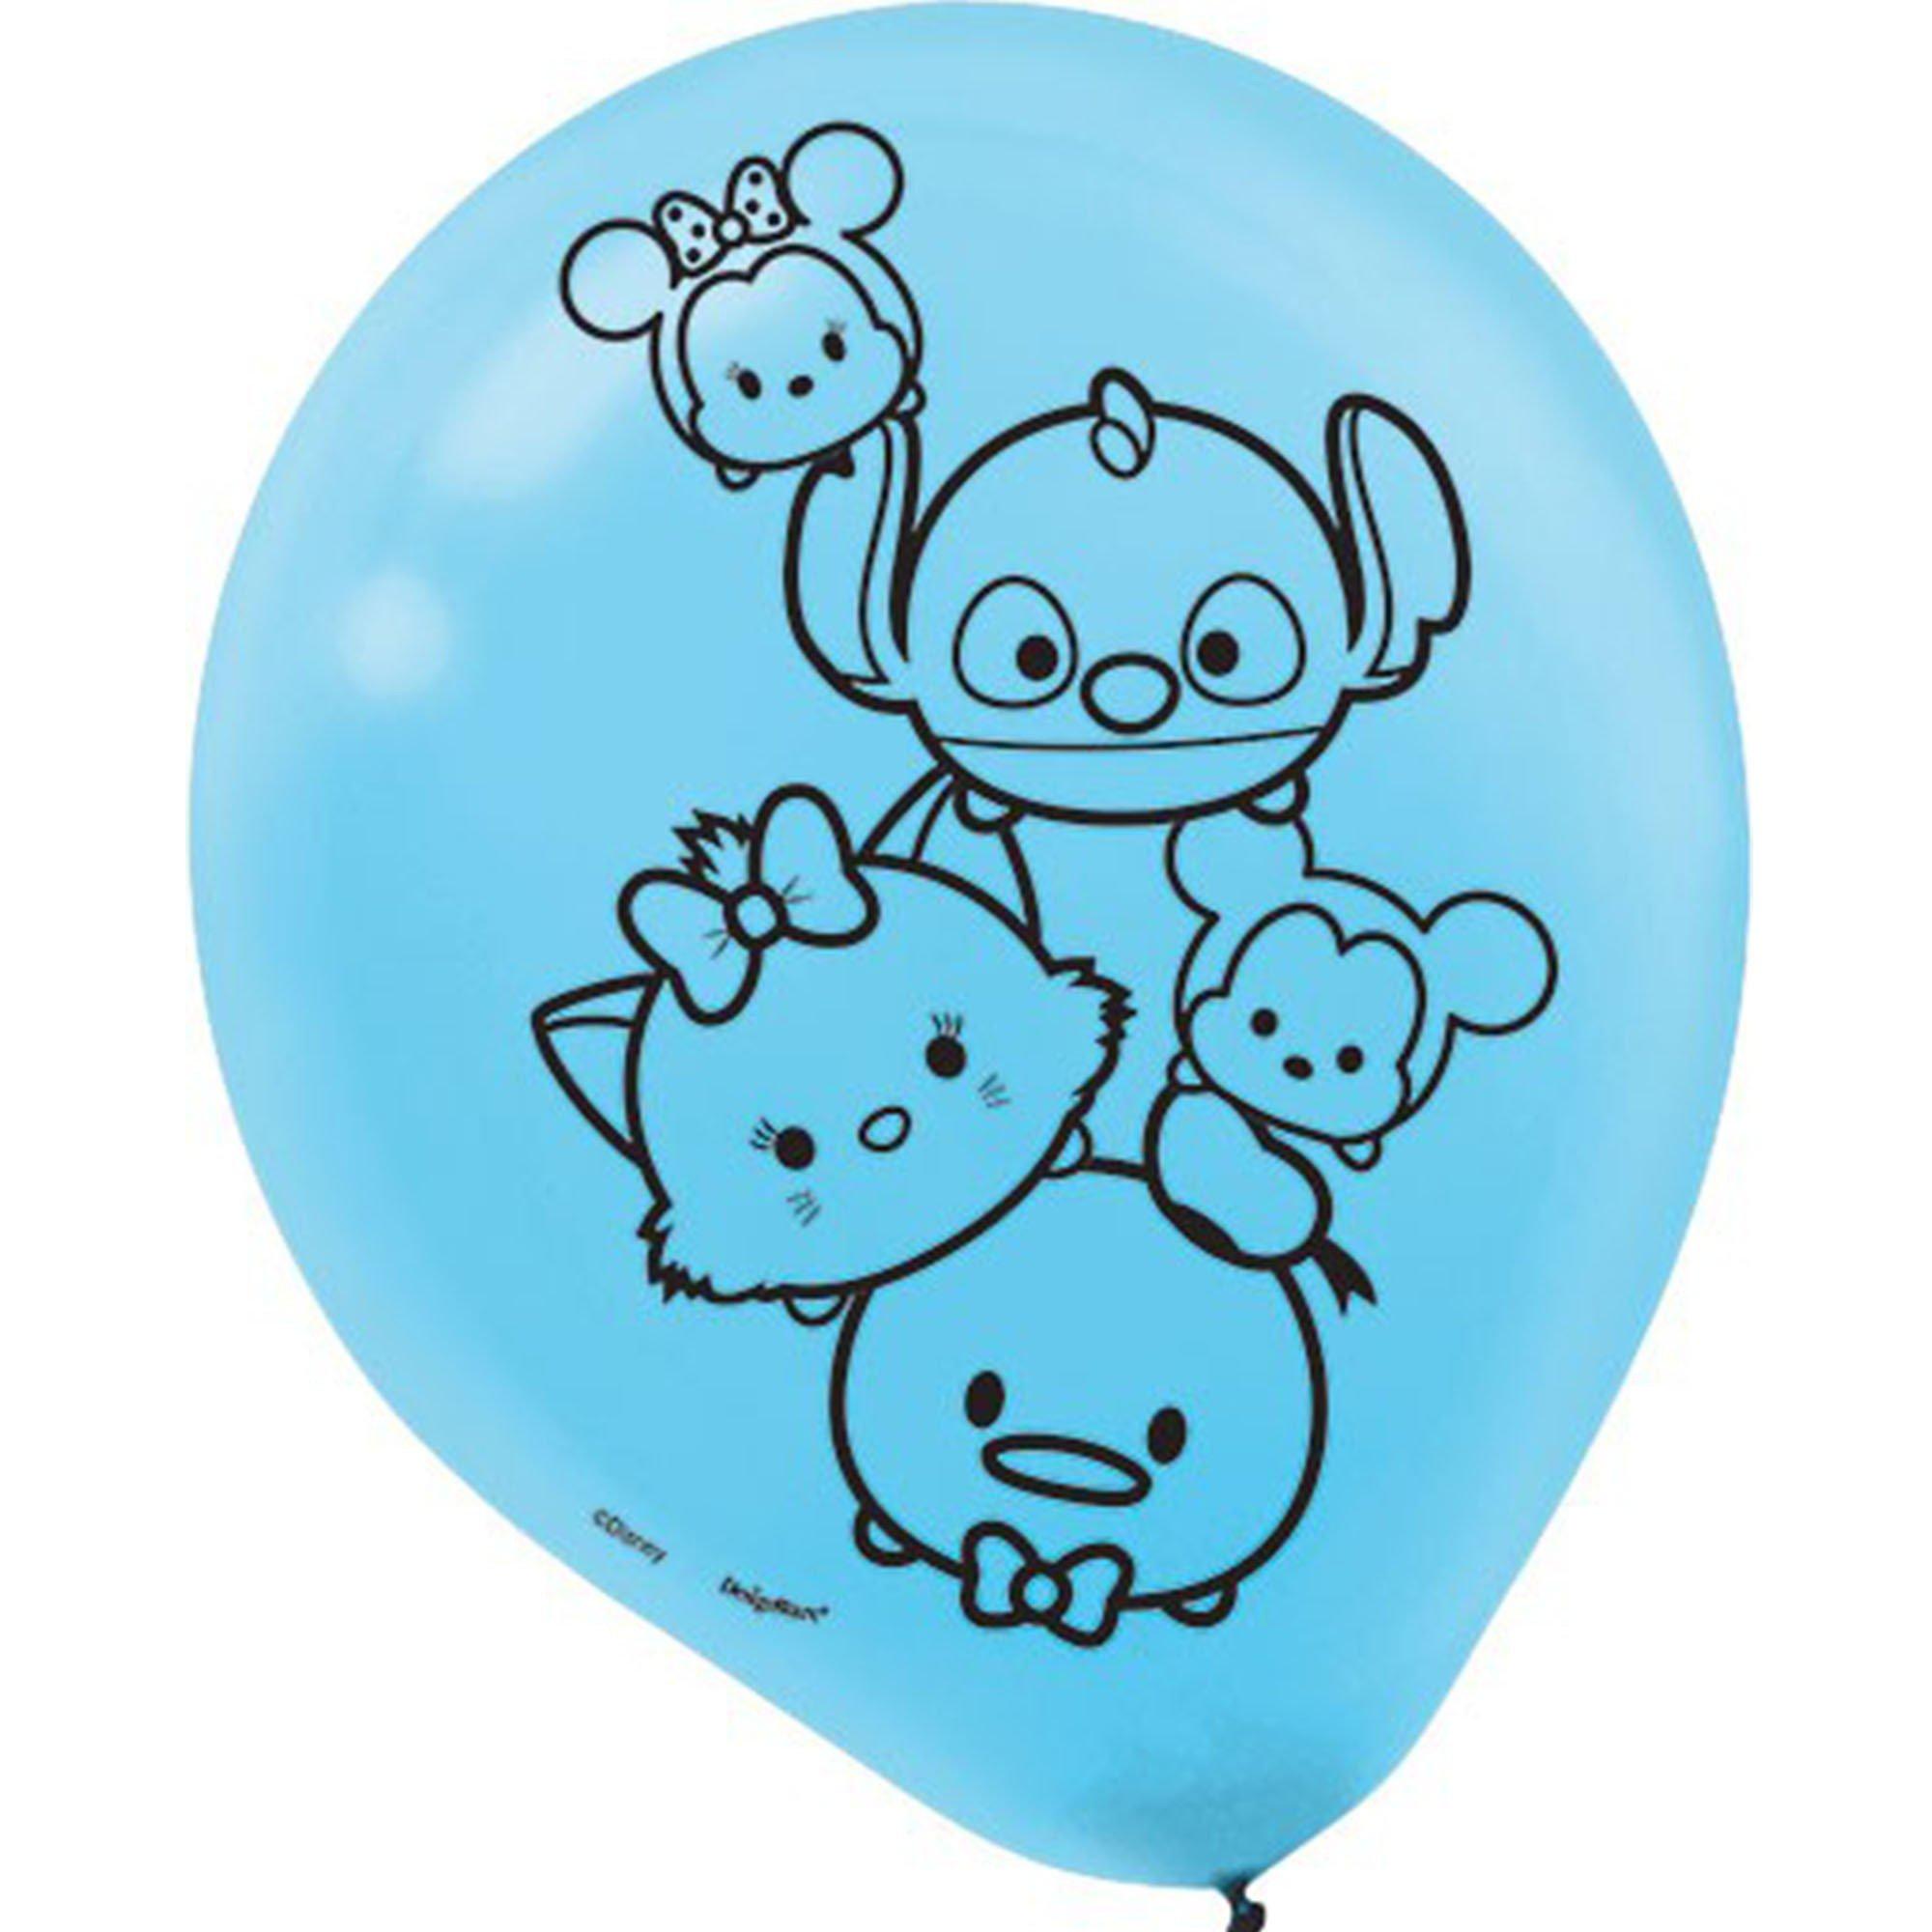 Tsum Tsum 30cm Latex Balloons